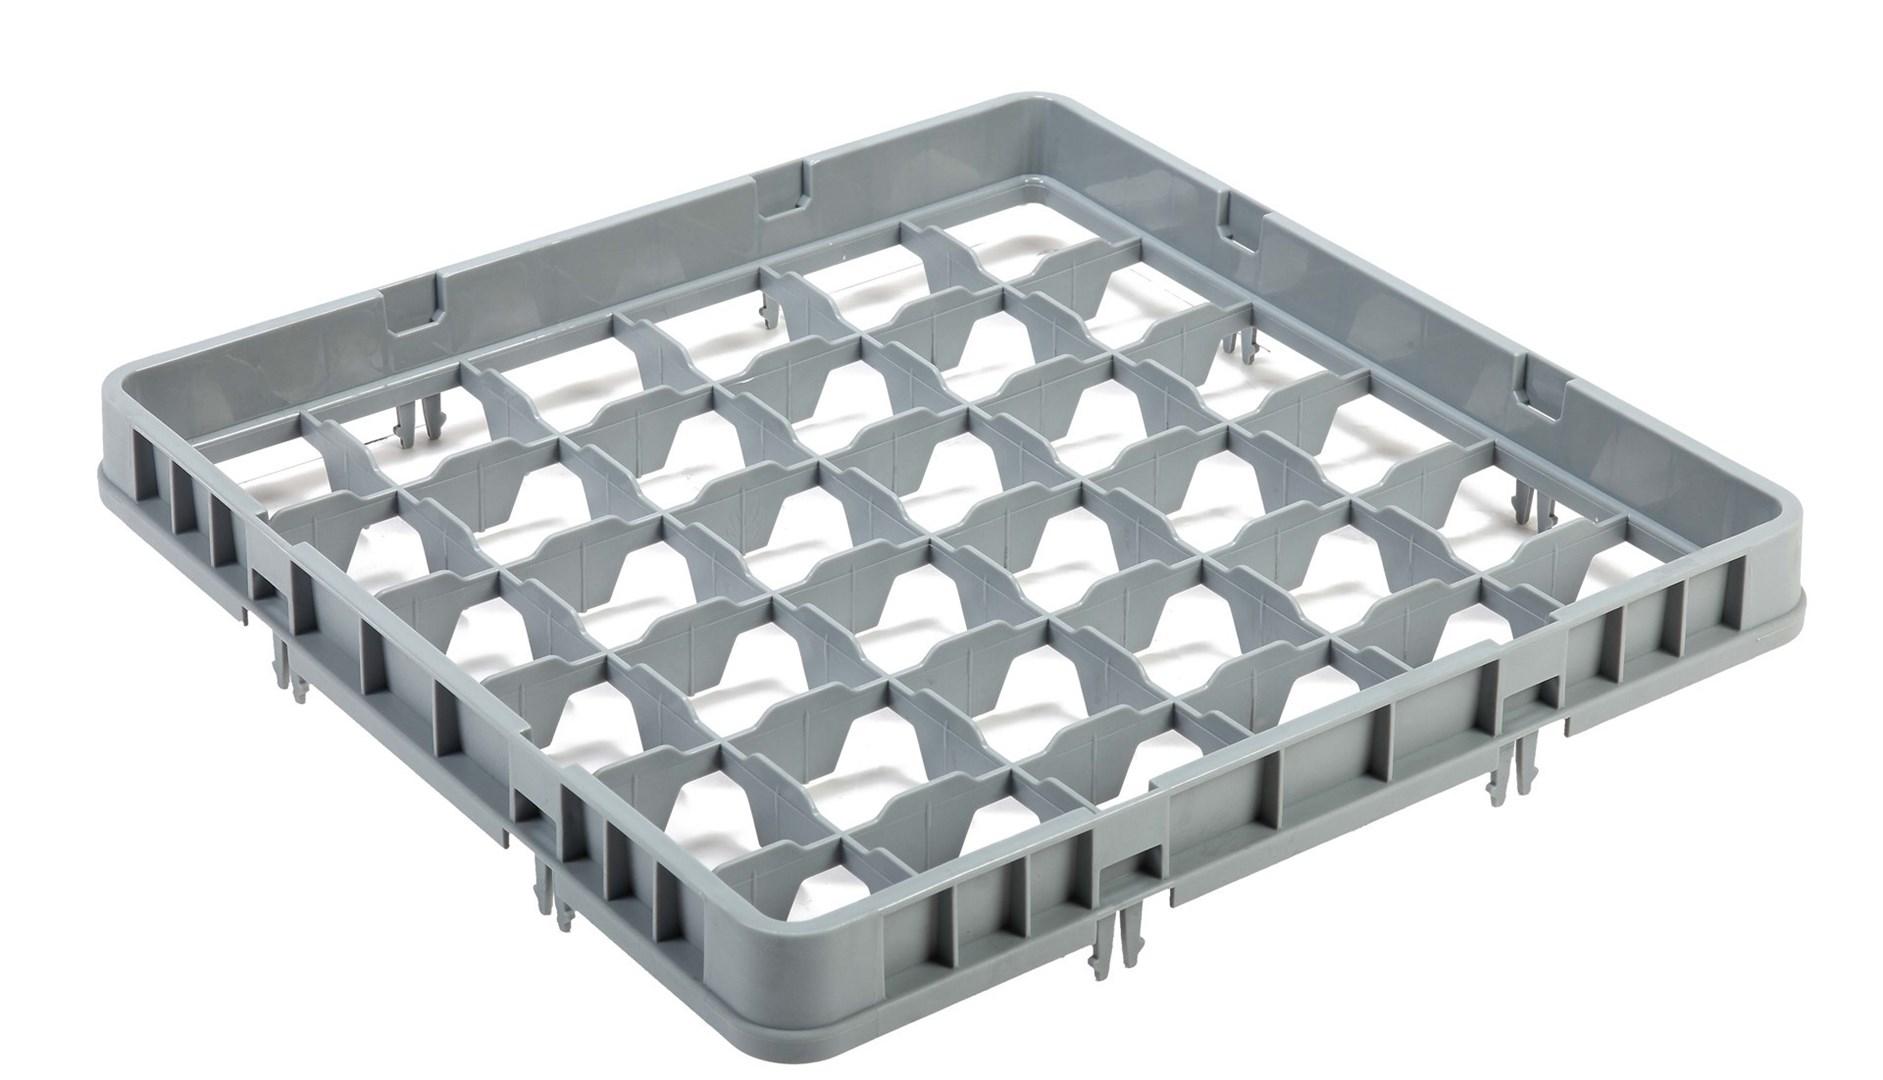 Productafbeelding Vaatwaskorf verhoger 36 compartimenten max Ø7.2 cm